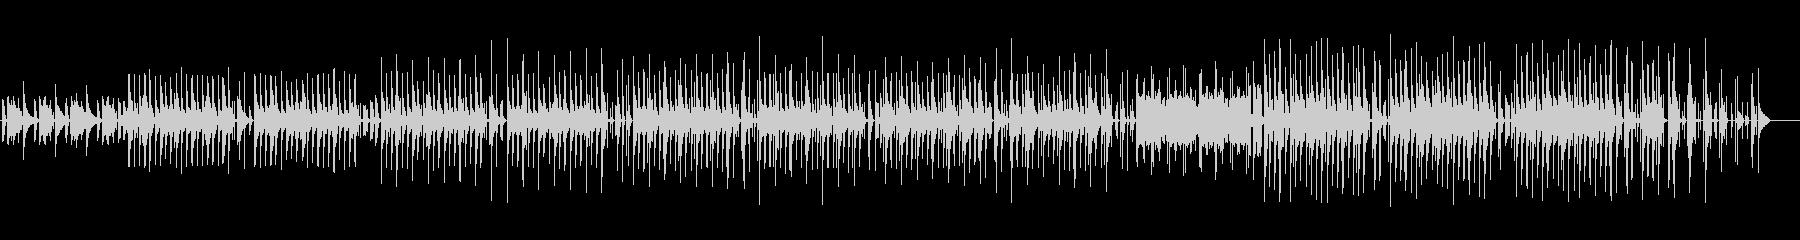 ■まったりワルツ・ピアノ・マリンバの未再生の波形